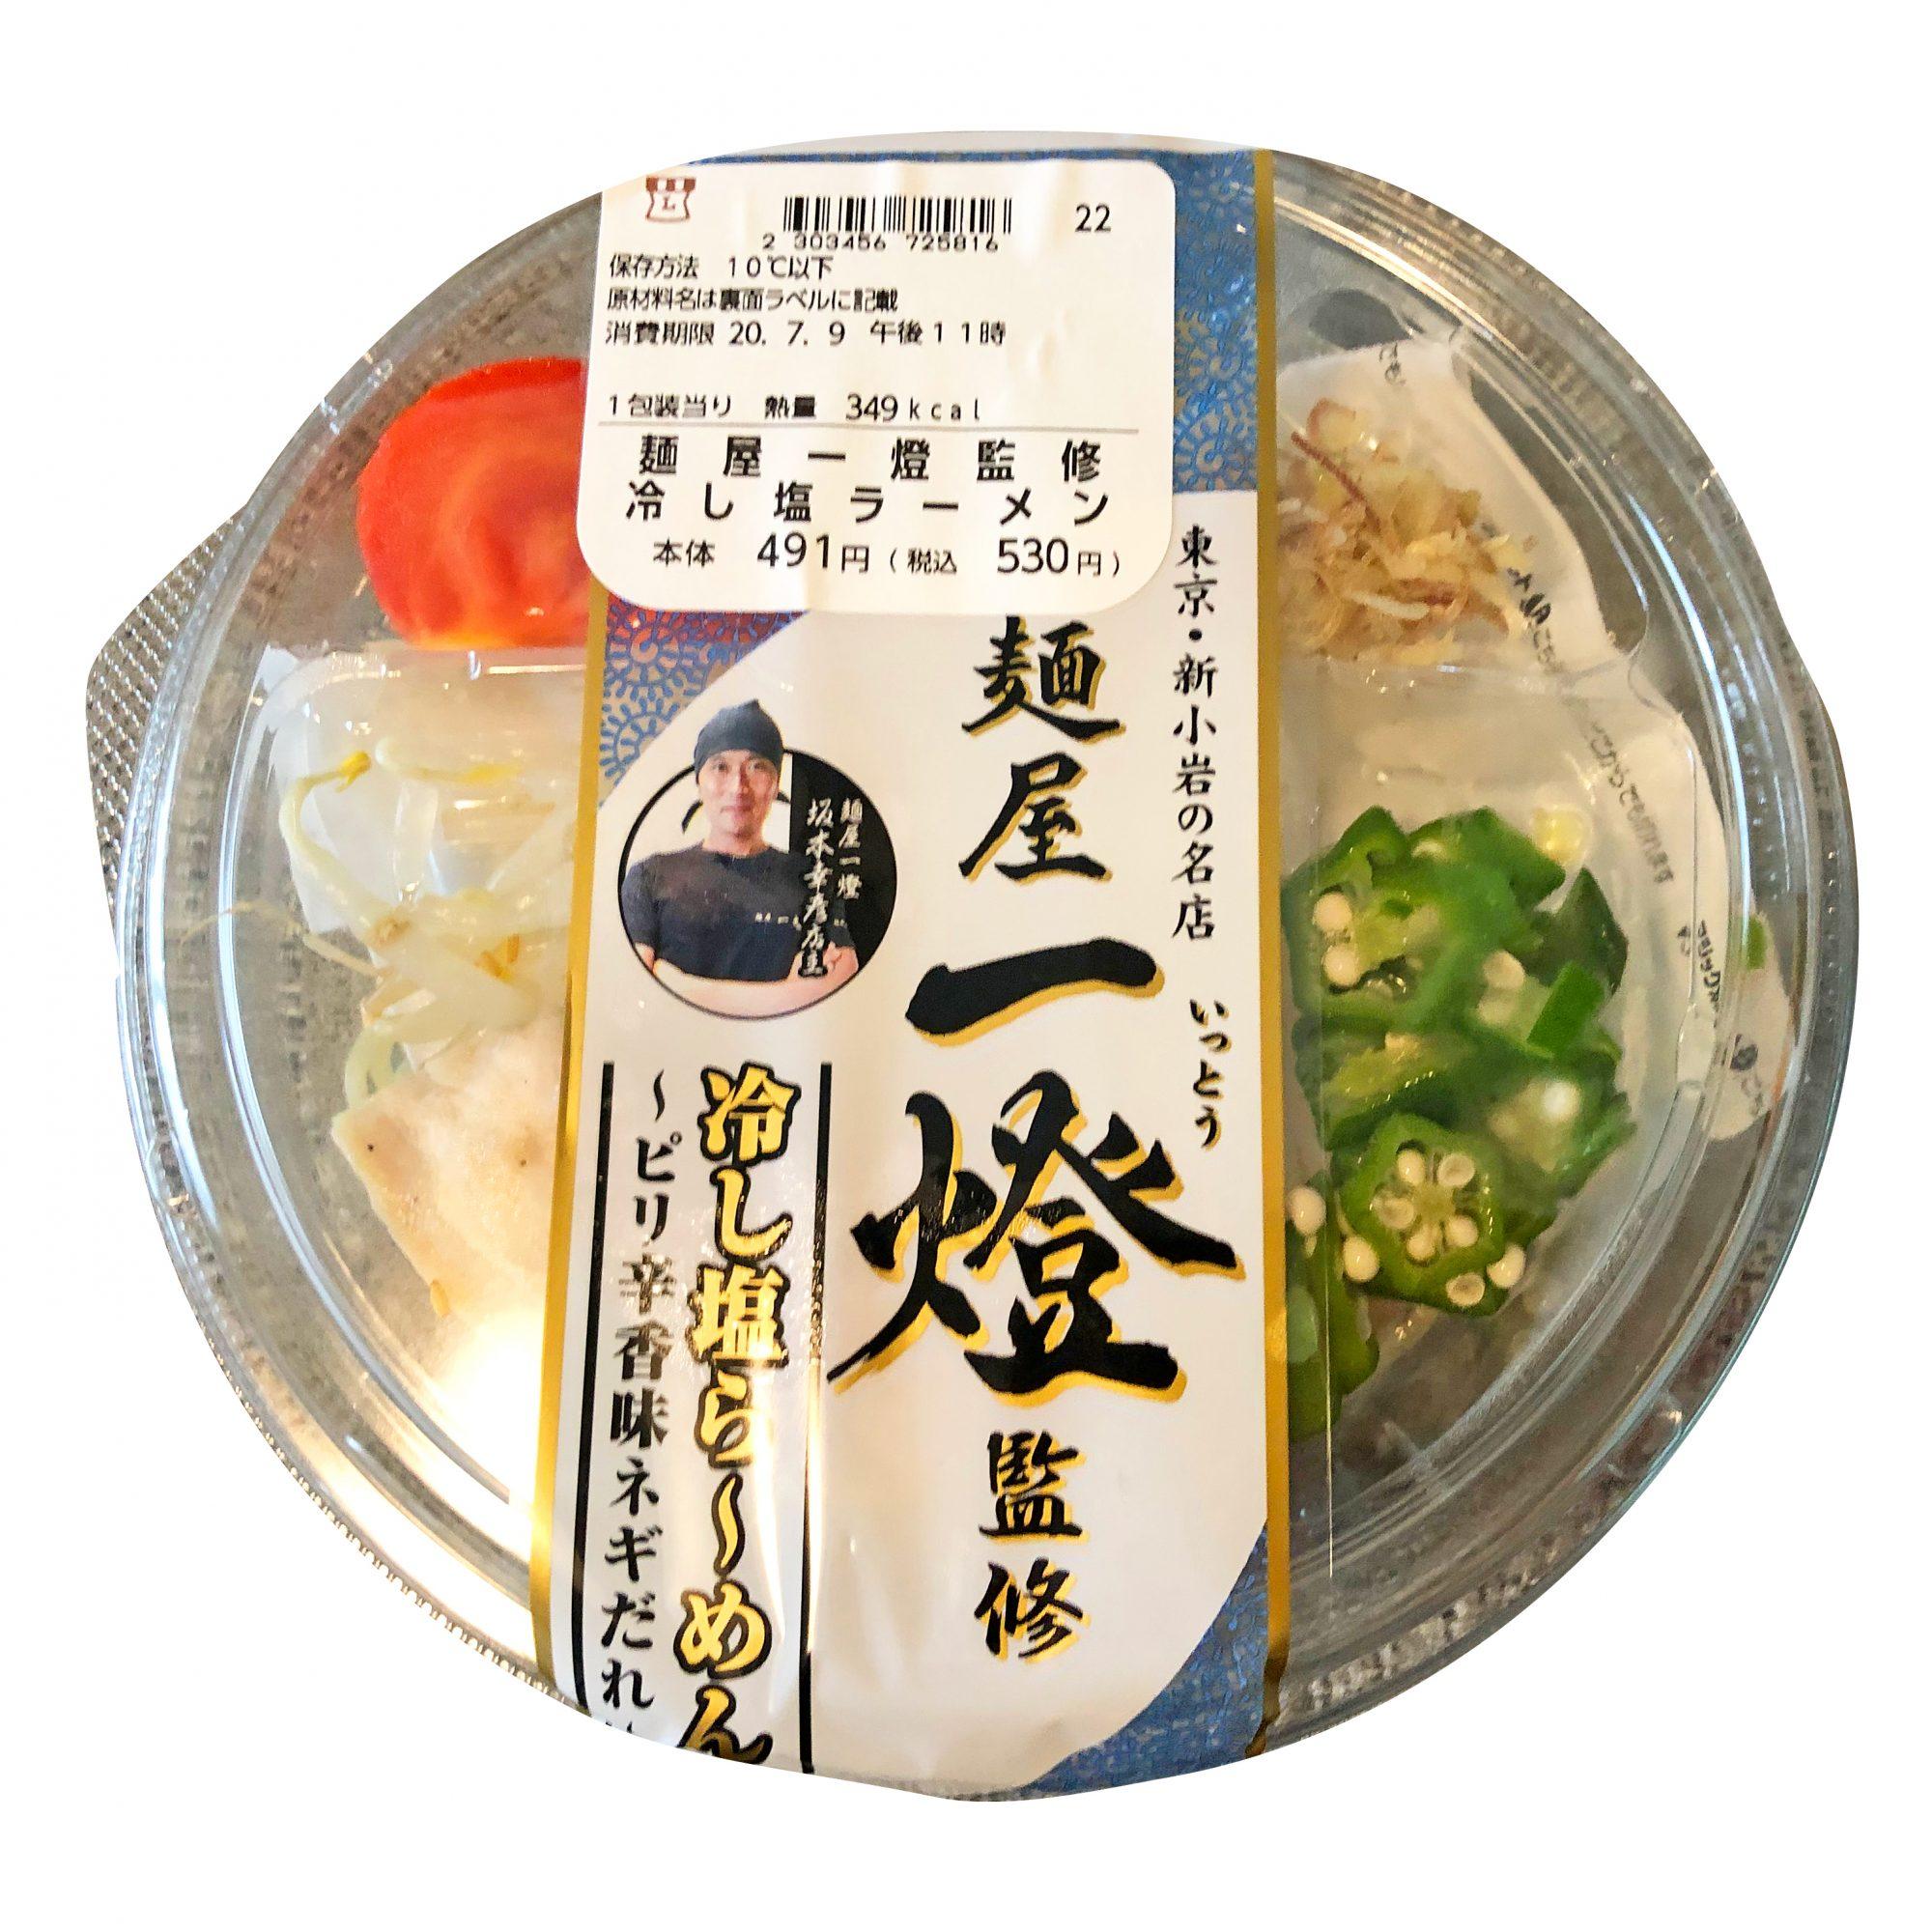 ローソン『麺屋一燈監修 冷し塩ら~めん』は夏野菜が涼しげでガツンとくるだしの旨味も◎ただし気になる点も…